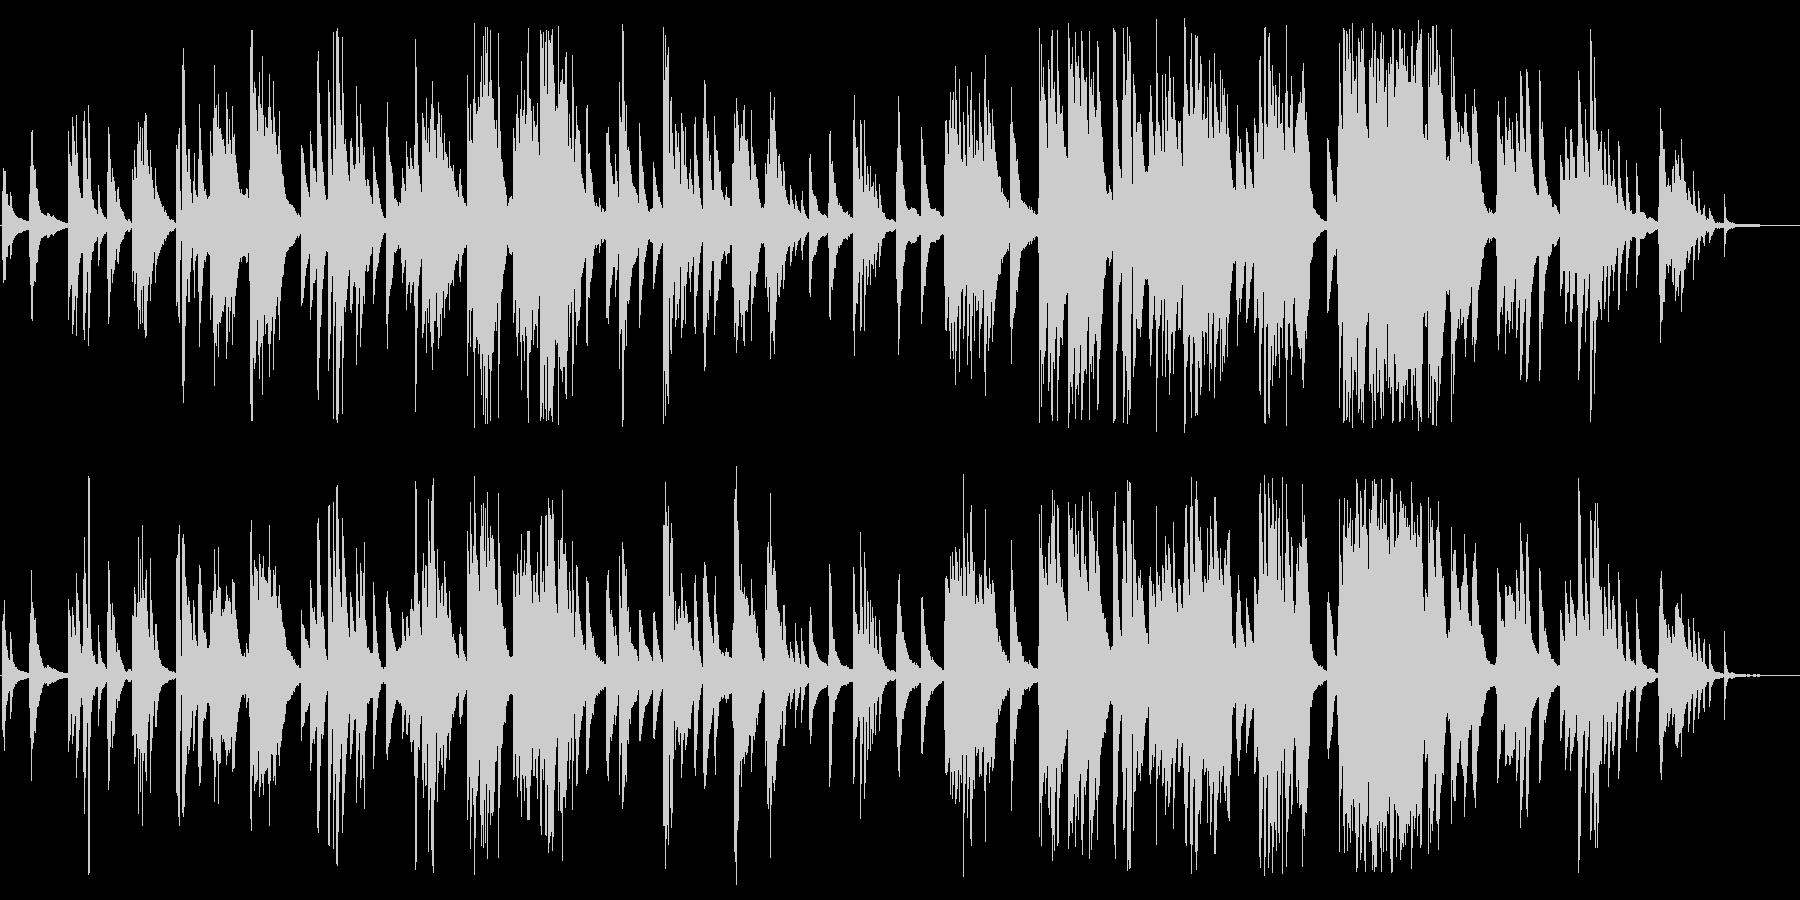 ゆったりした大人のジャズピアノBGMの未再生の波形